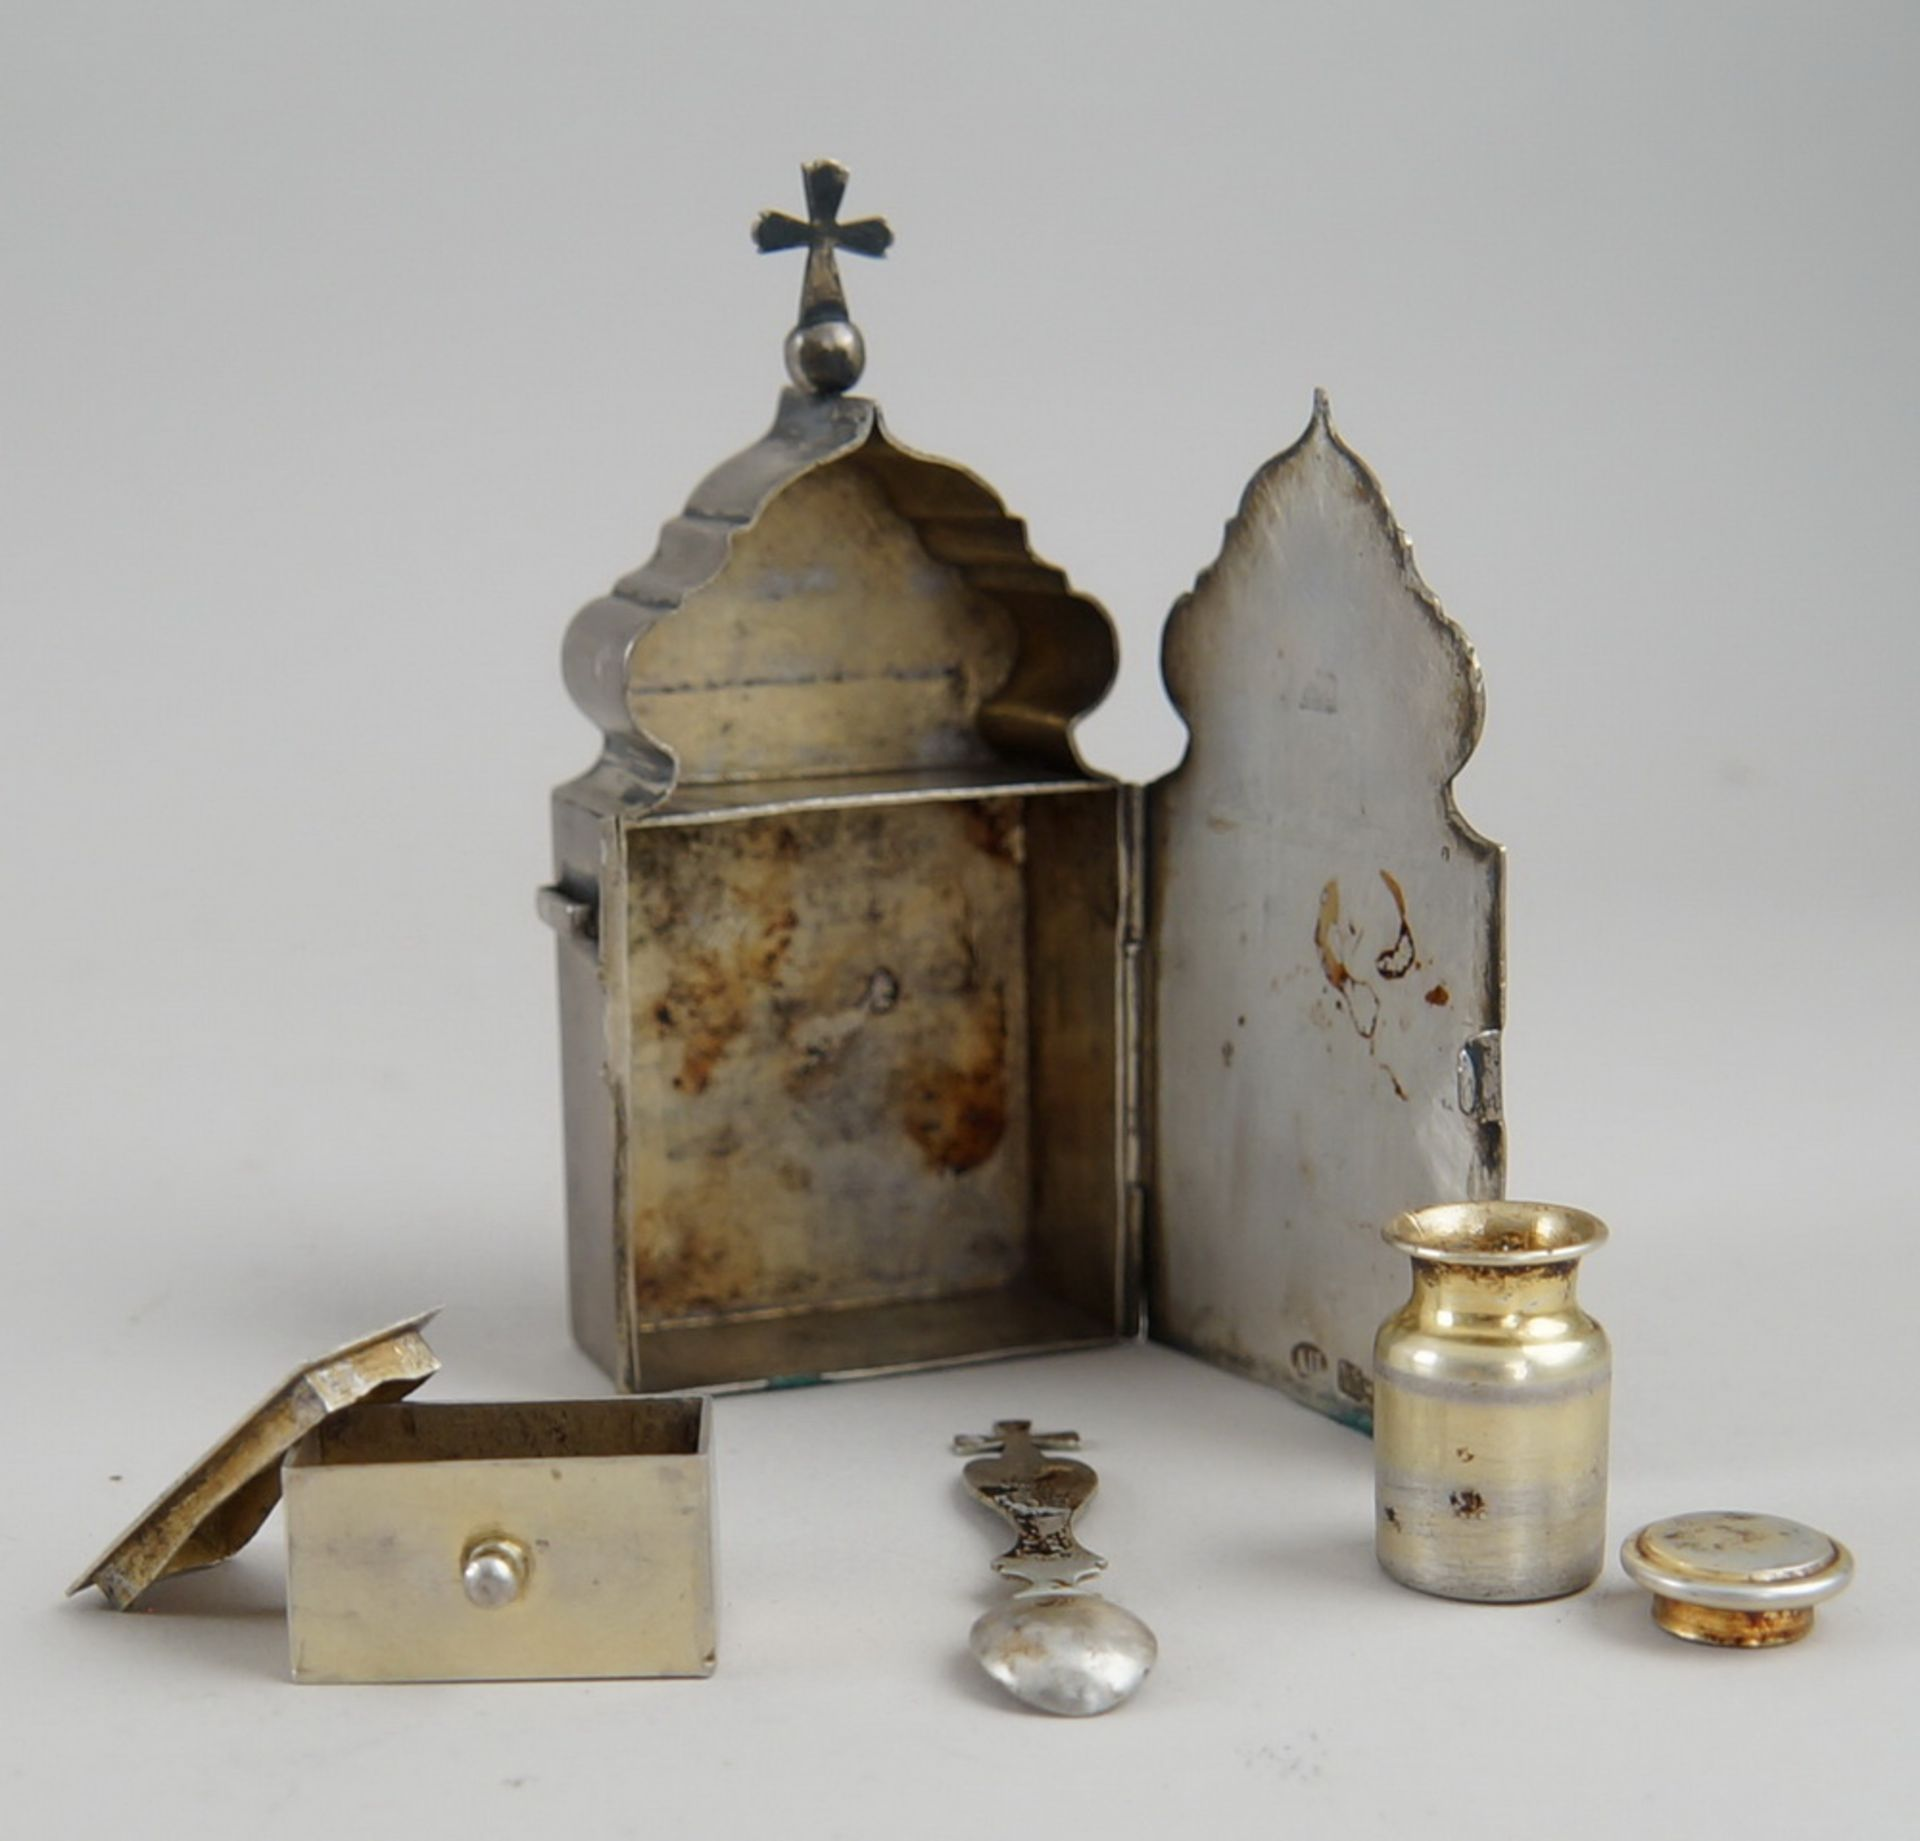 Los 2 - Kleiner Reisealtar, Weissmetall, Russland, gepunzt, graviert, 10,5x5x2,5cm